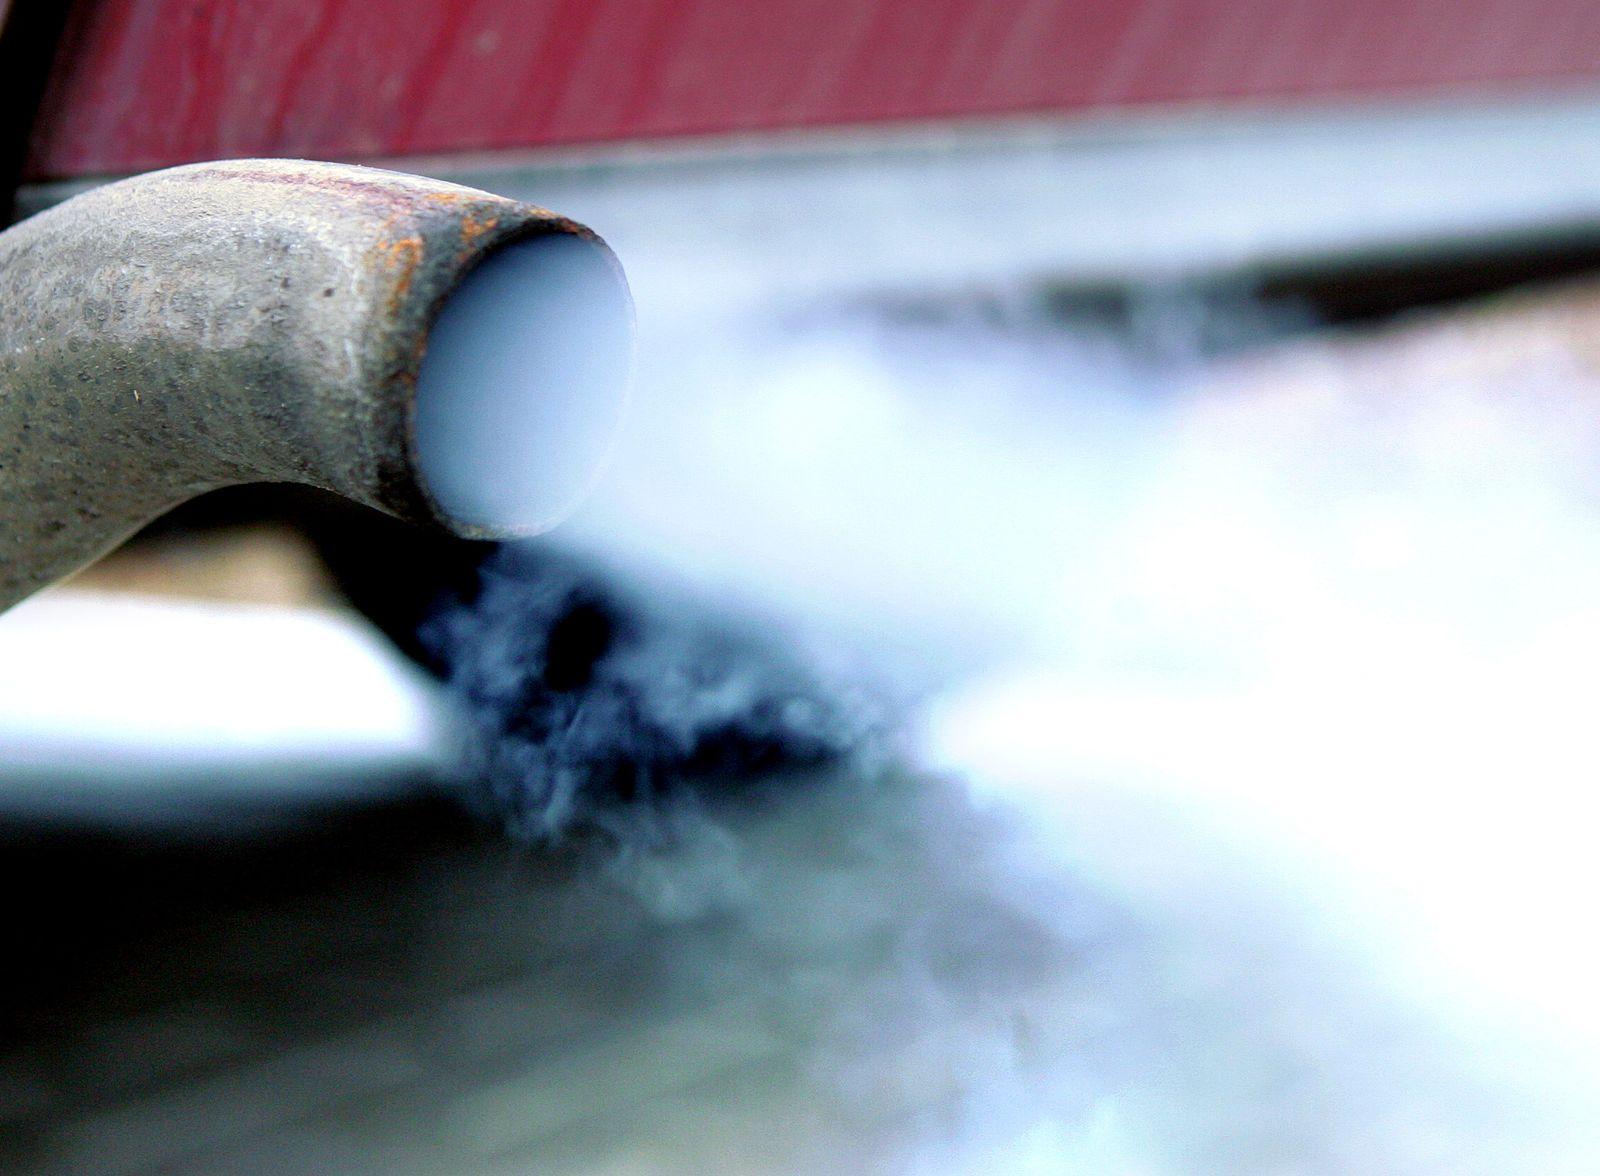 NICHT VERWENDEN Auspuff / Autoabgase